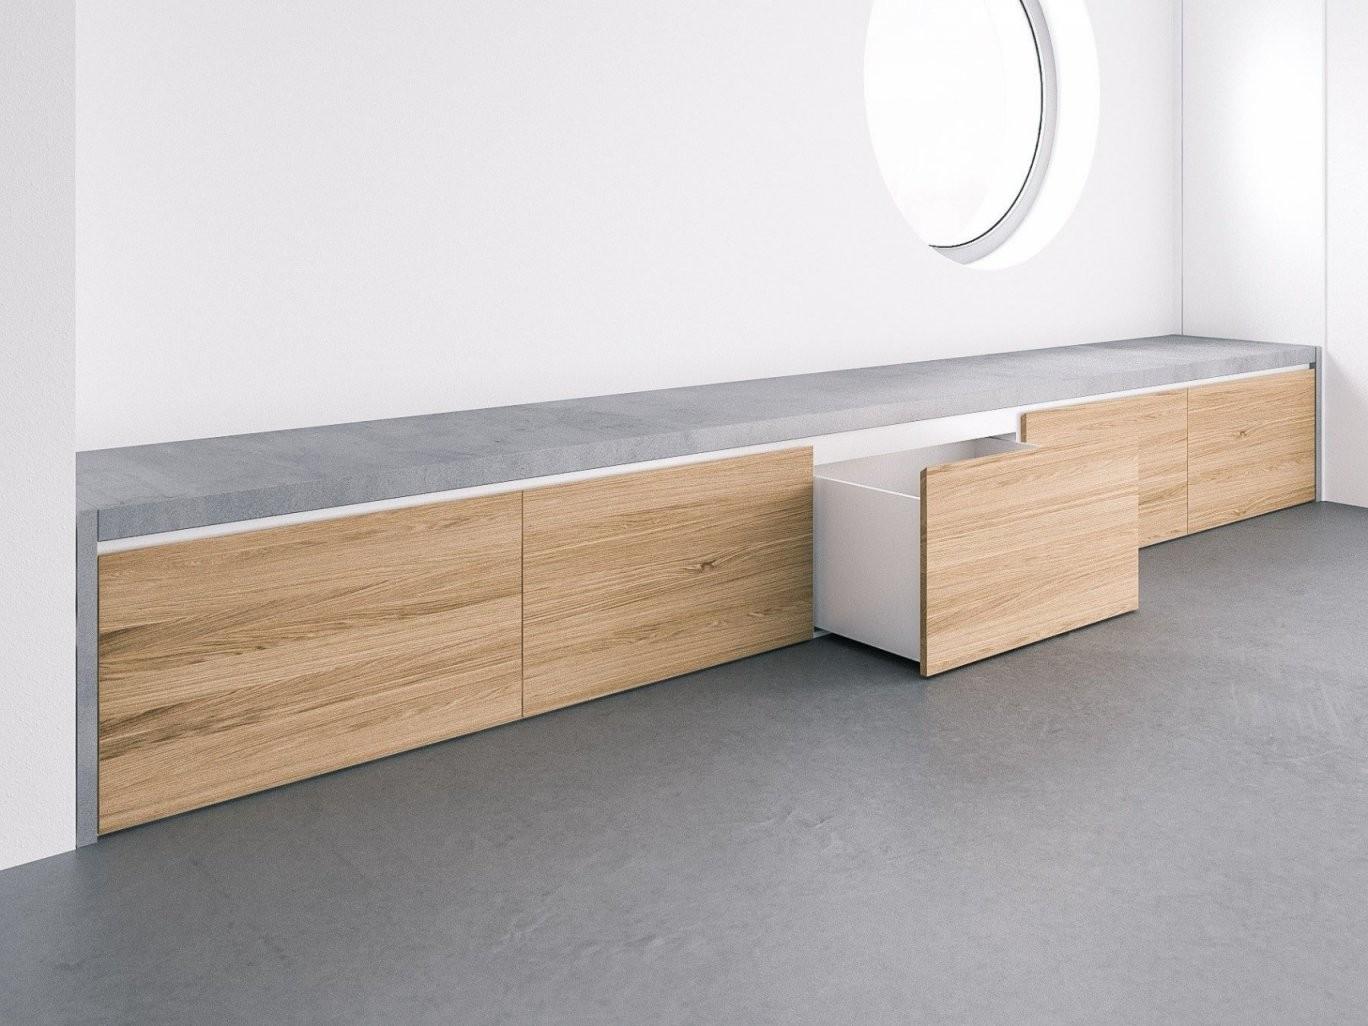 Ikea Metod Sitzbank — Temobardz Home Blog von Sitzbank Mit Stauraum Ikea Photo